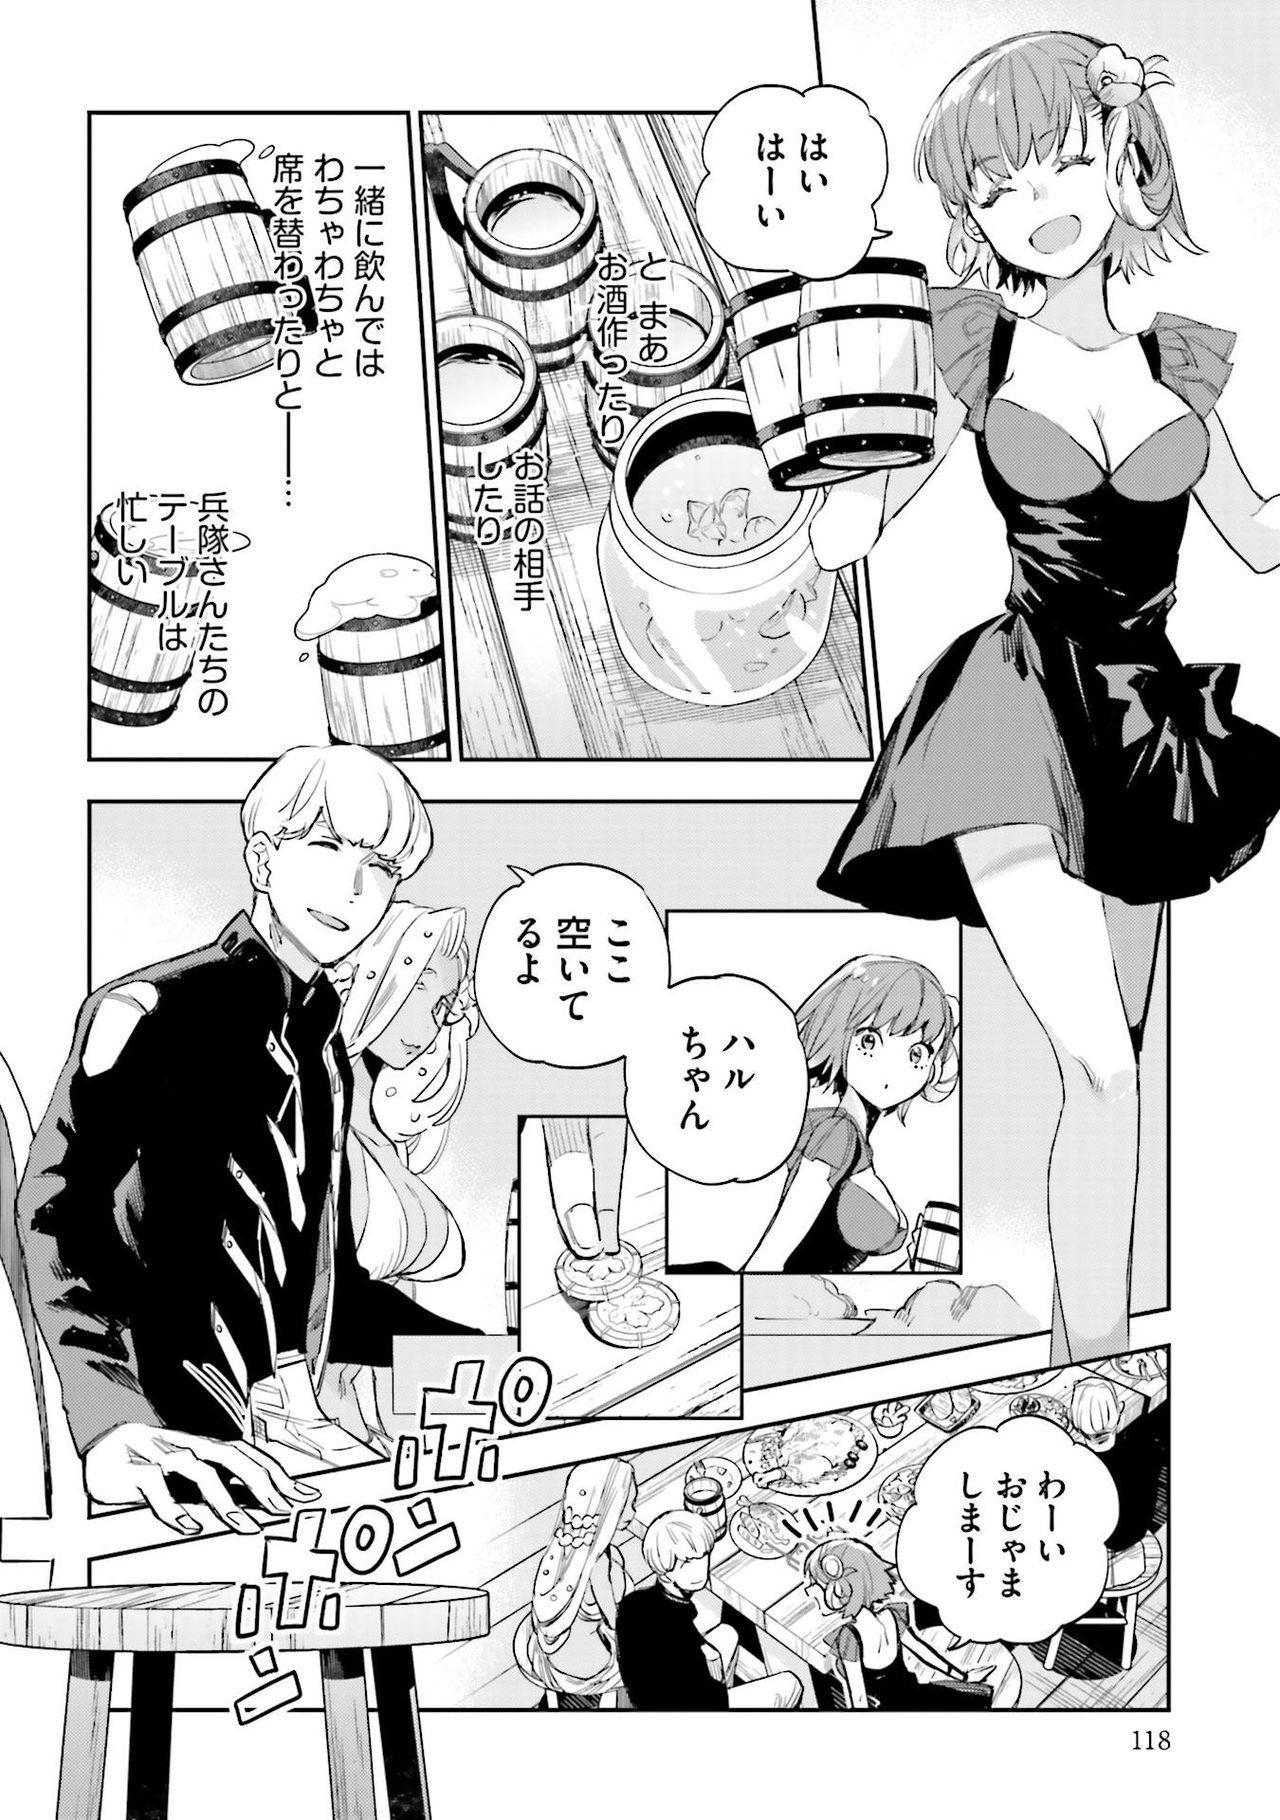 JK Haru wa Isekai de Shoufu ni Natta 1-14 477